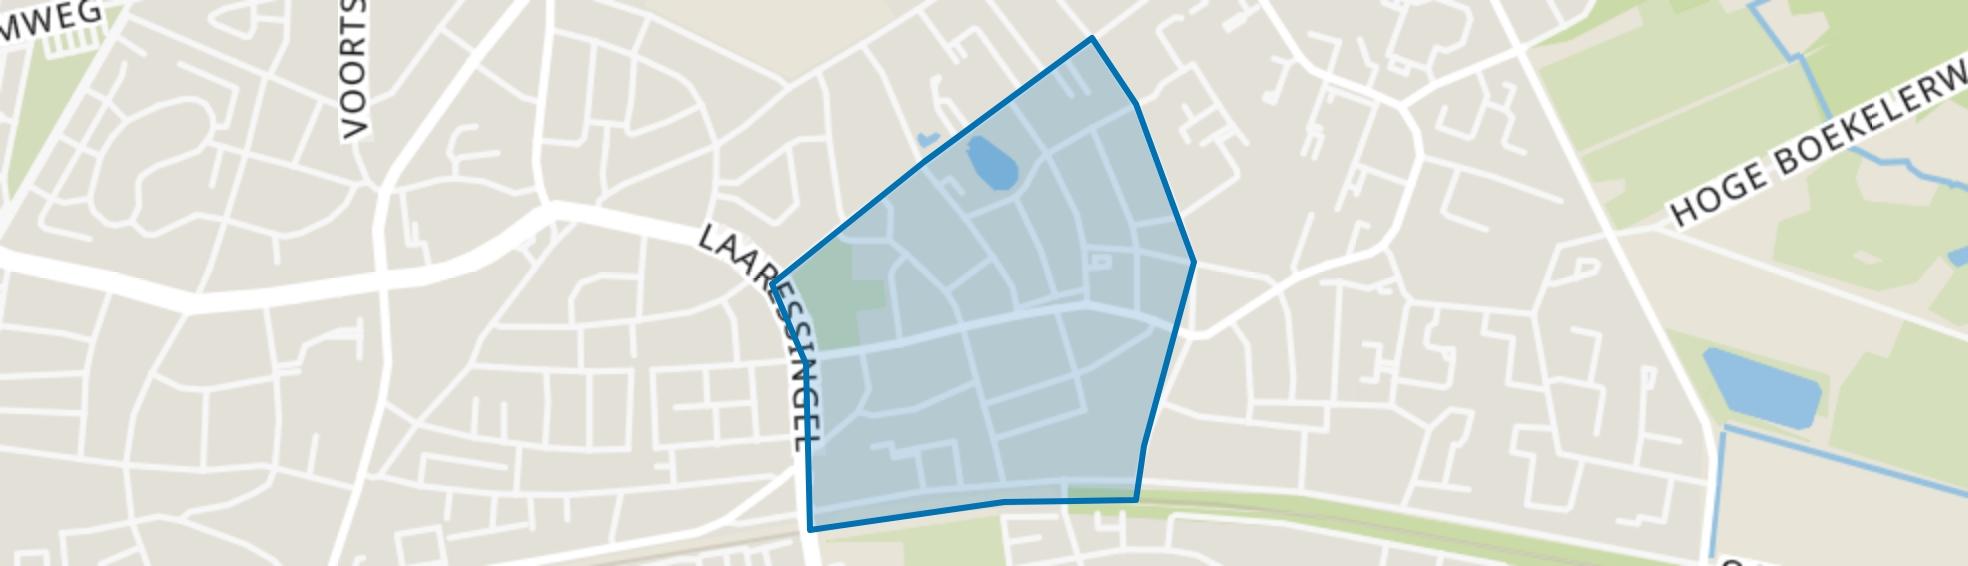 Ribbelt-Ribbelerbrink, Enschede map